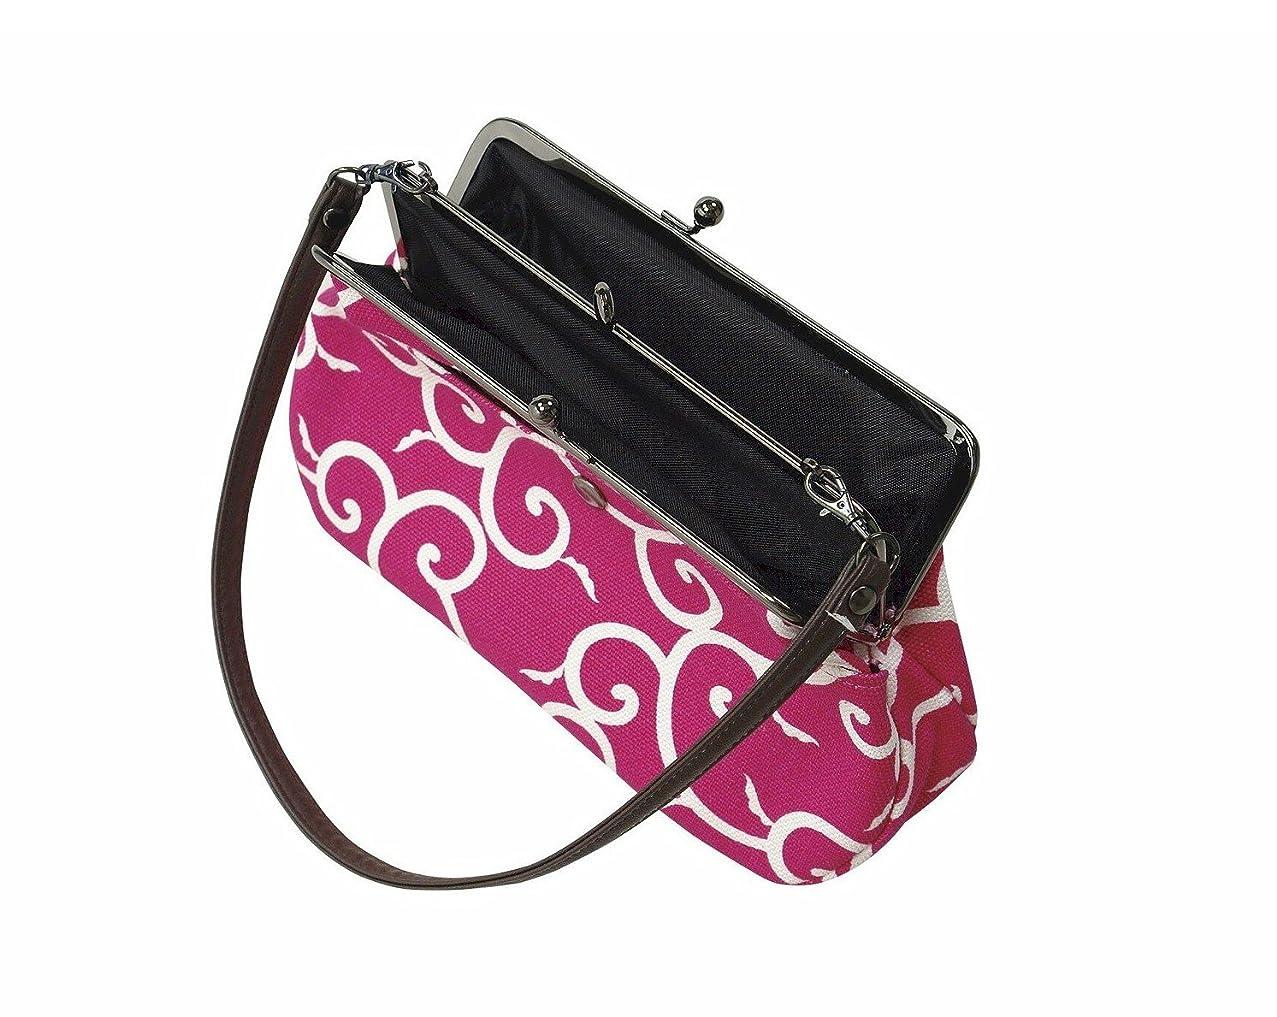 正規化多分多分紐付き ポーチ(がま口)(ao4330) 財布 小物入れ 化粧ポーチ バッグ 鞄